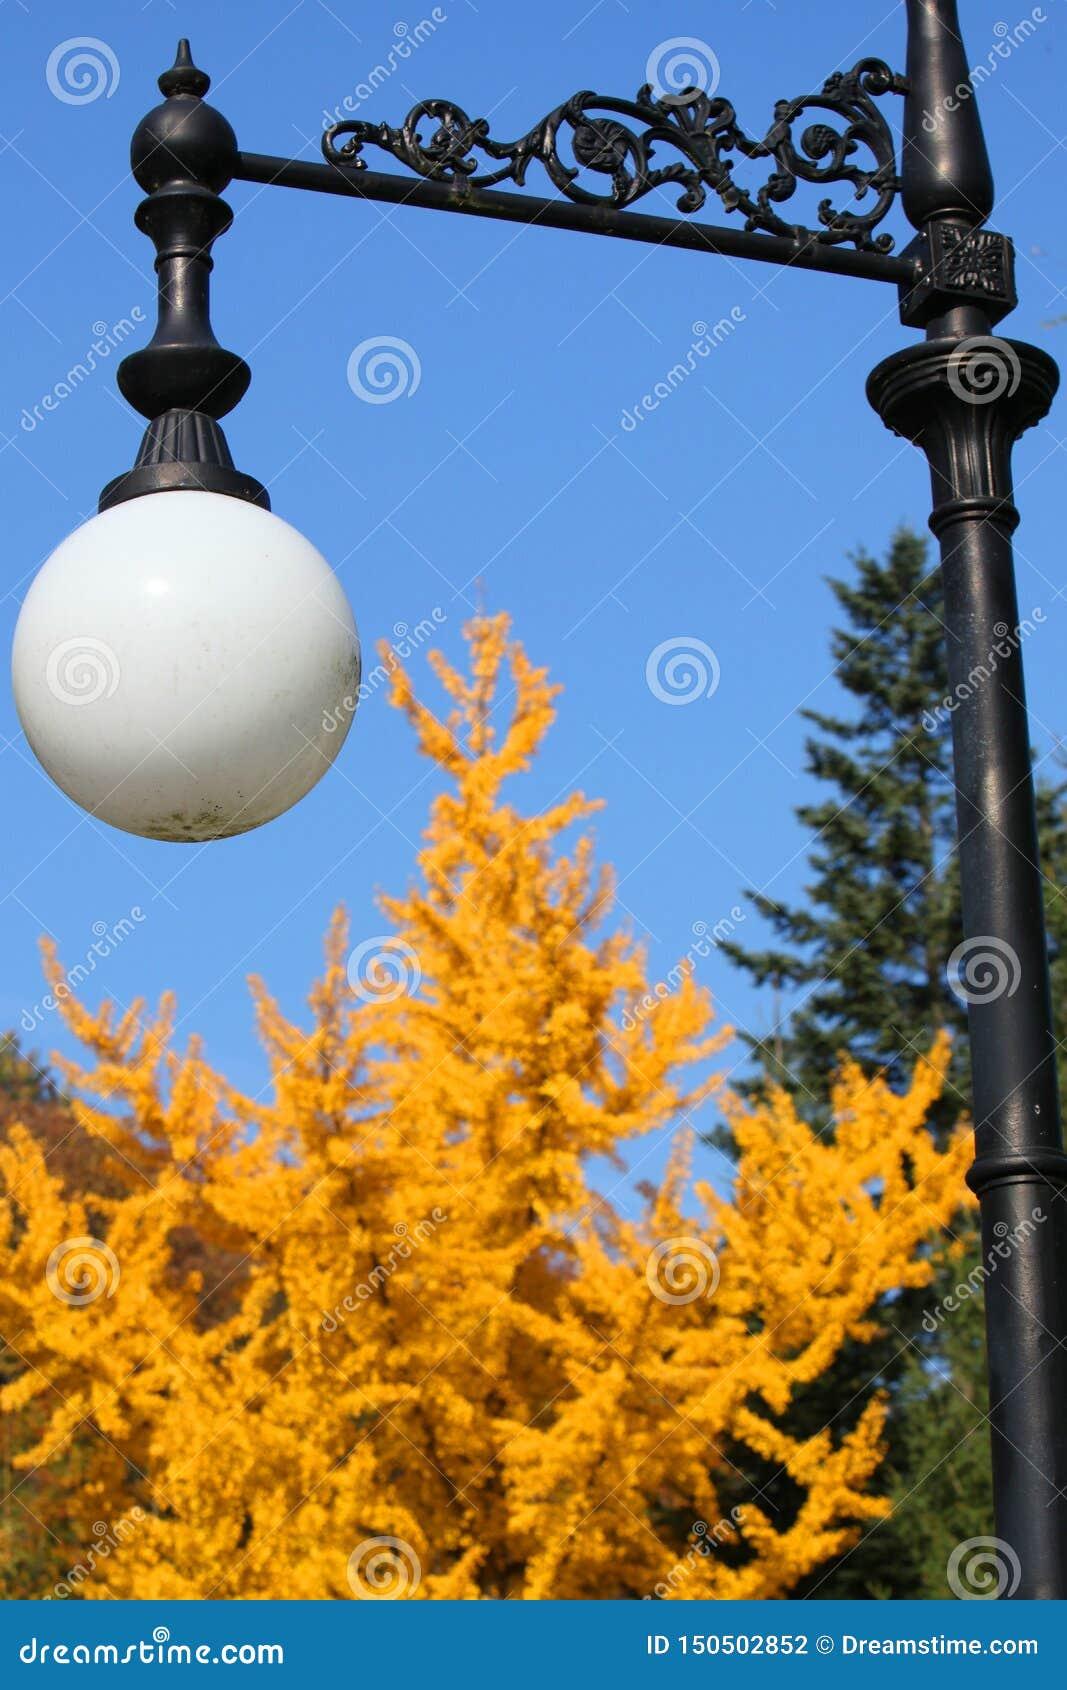 Straßenlaterne im Park auf einem Hintergrund von Gelbgrünbäumen